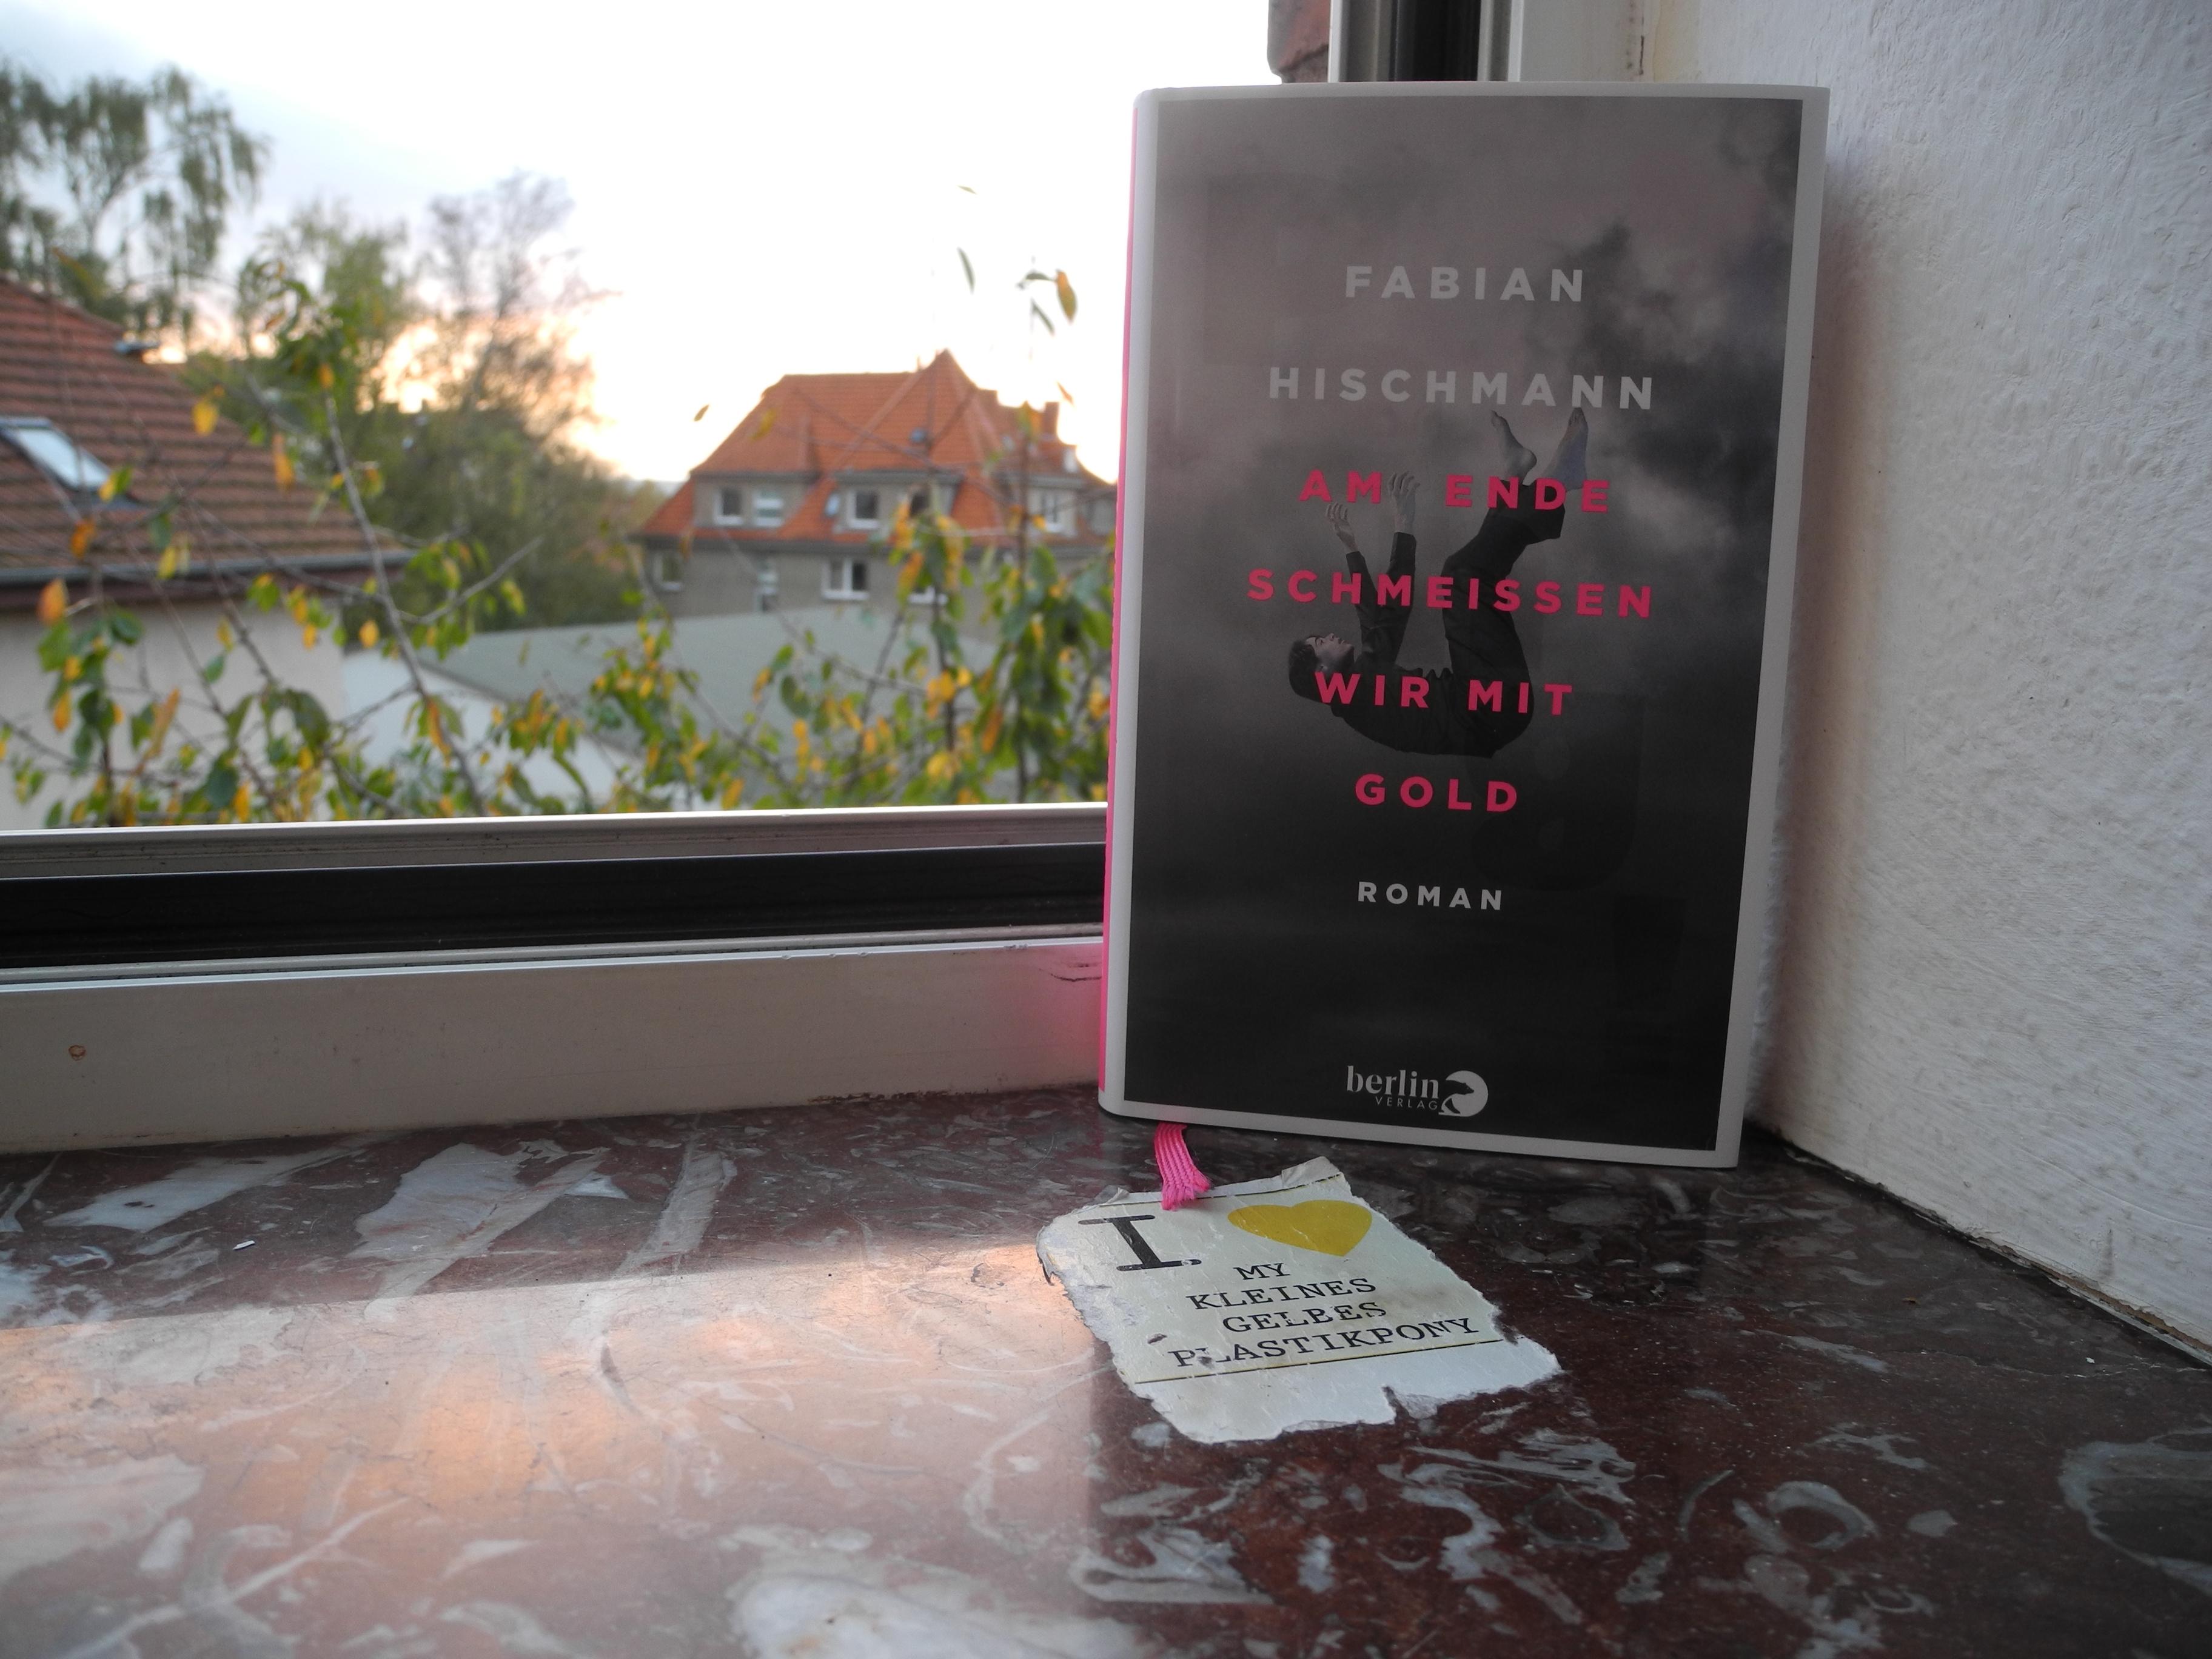 Fabian Hischmann Am Ende schmeißen wir mit Gold